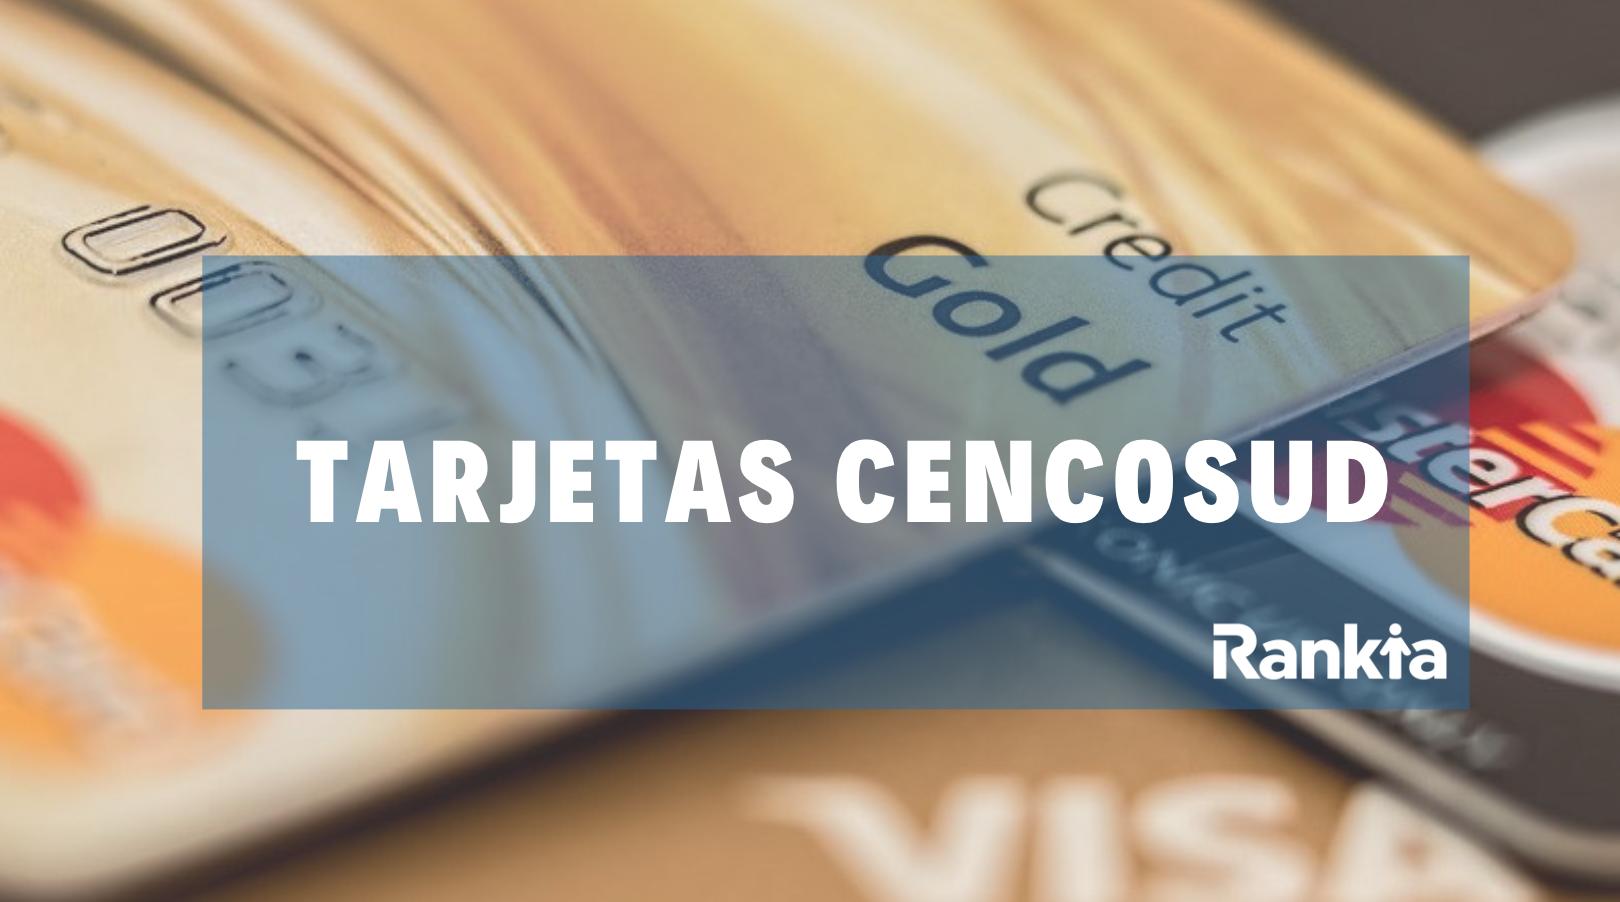 Tarjetas Cencosud Visa y Mastercard: requisitos, puntos y resumen de cuenta